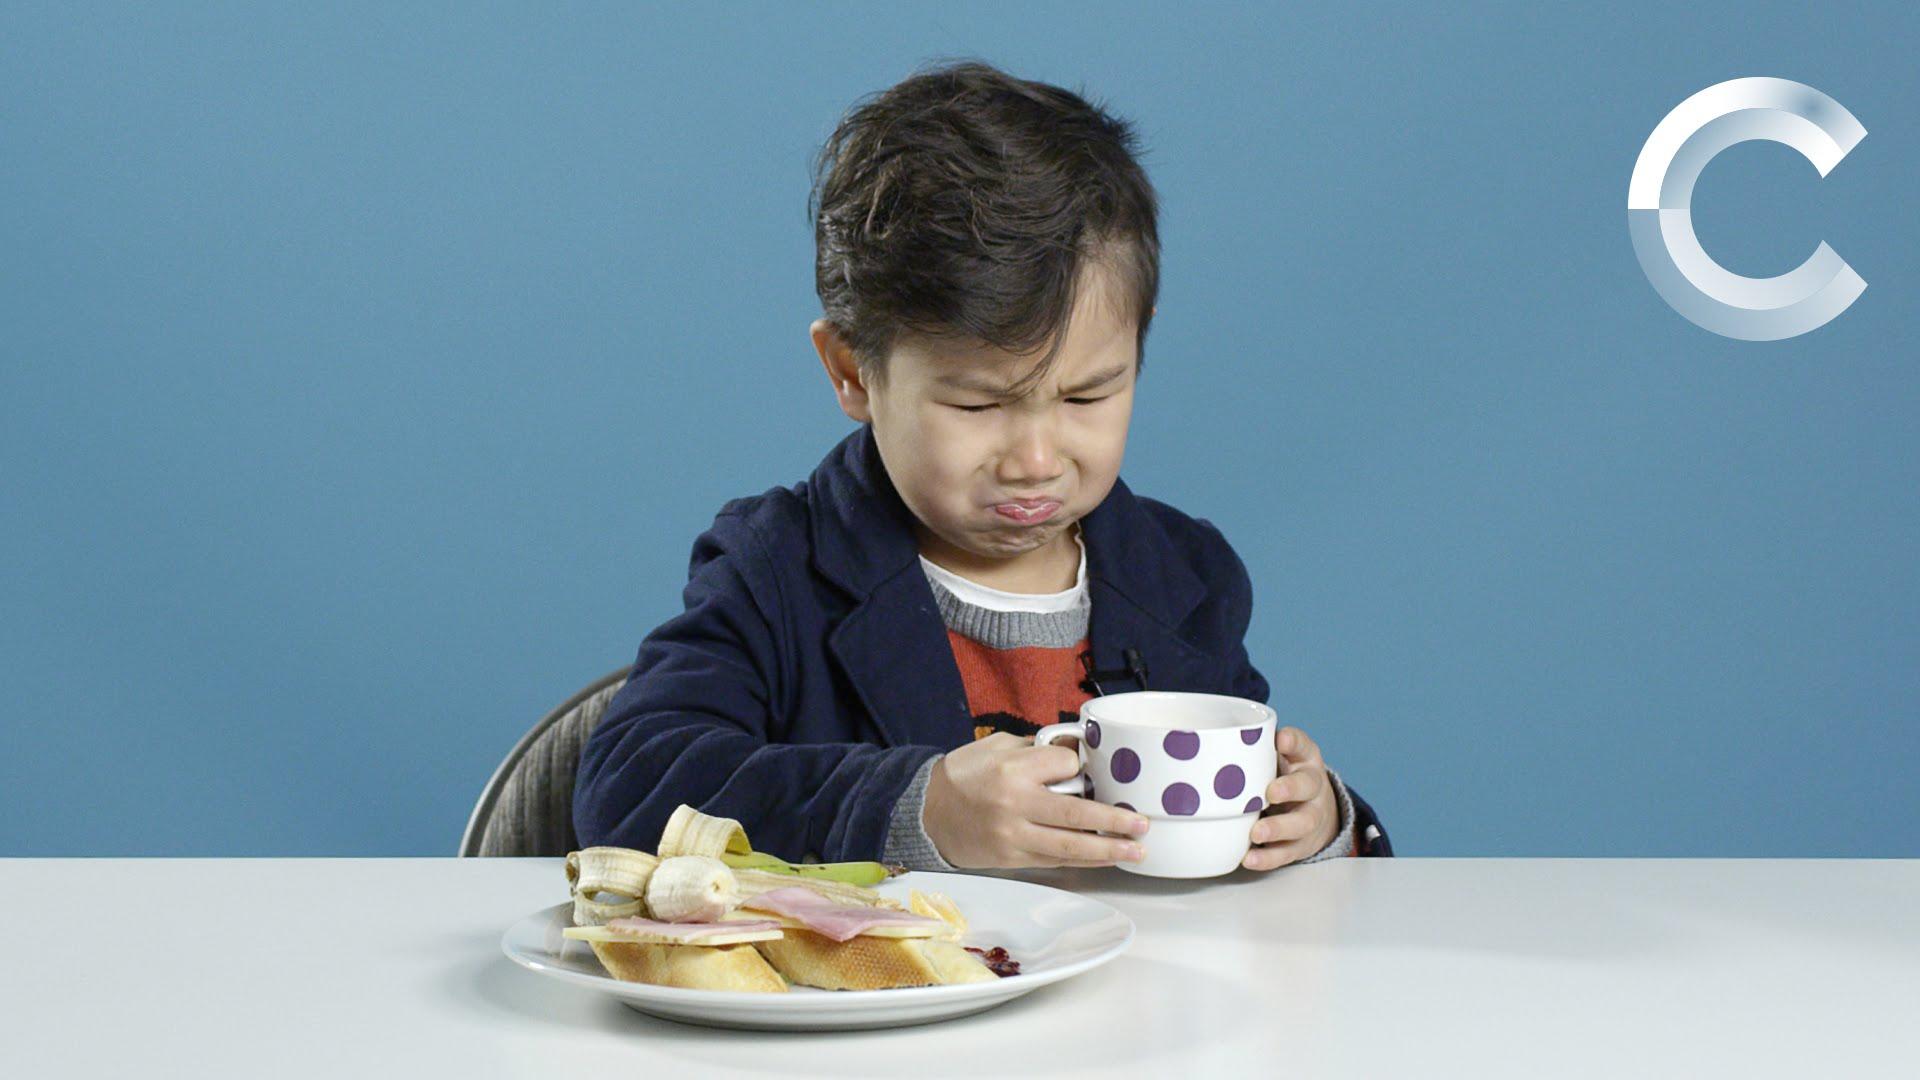 外國人早餐都吃什麼?超萌小朋友示範給你看